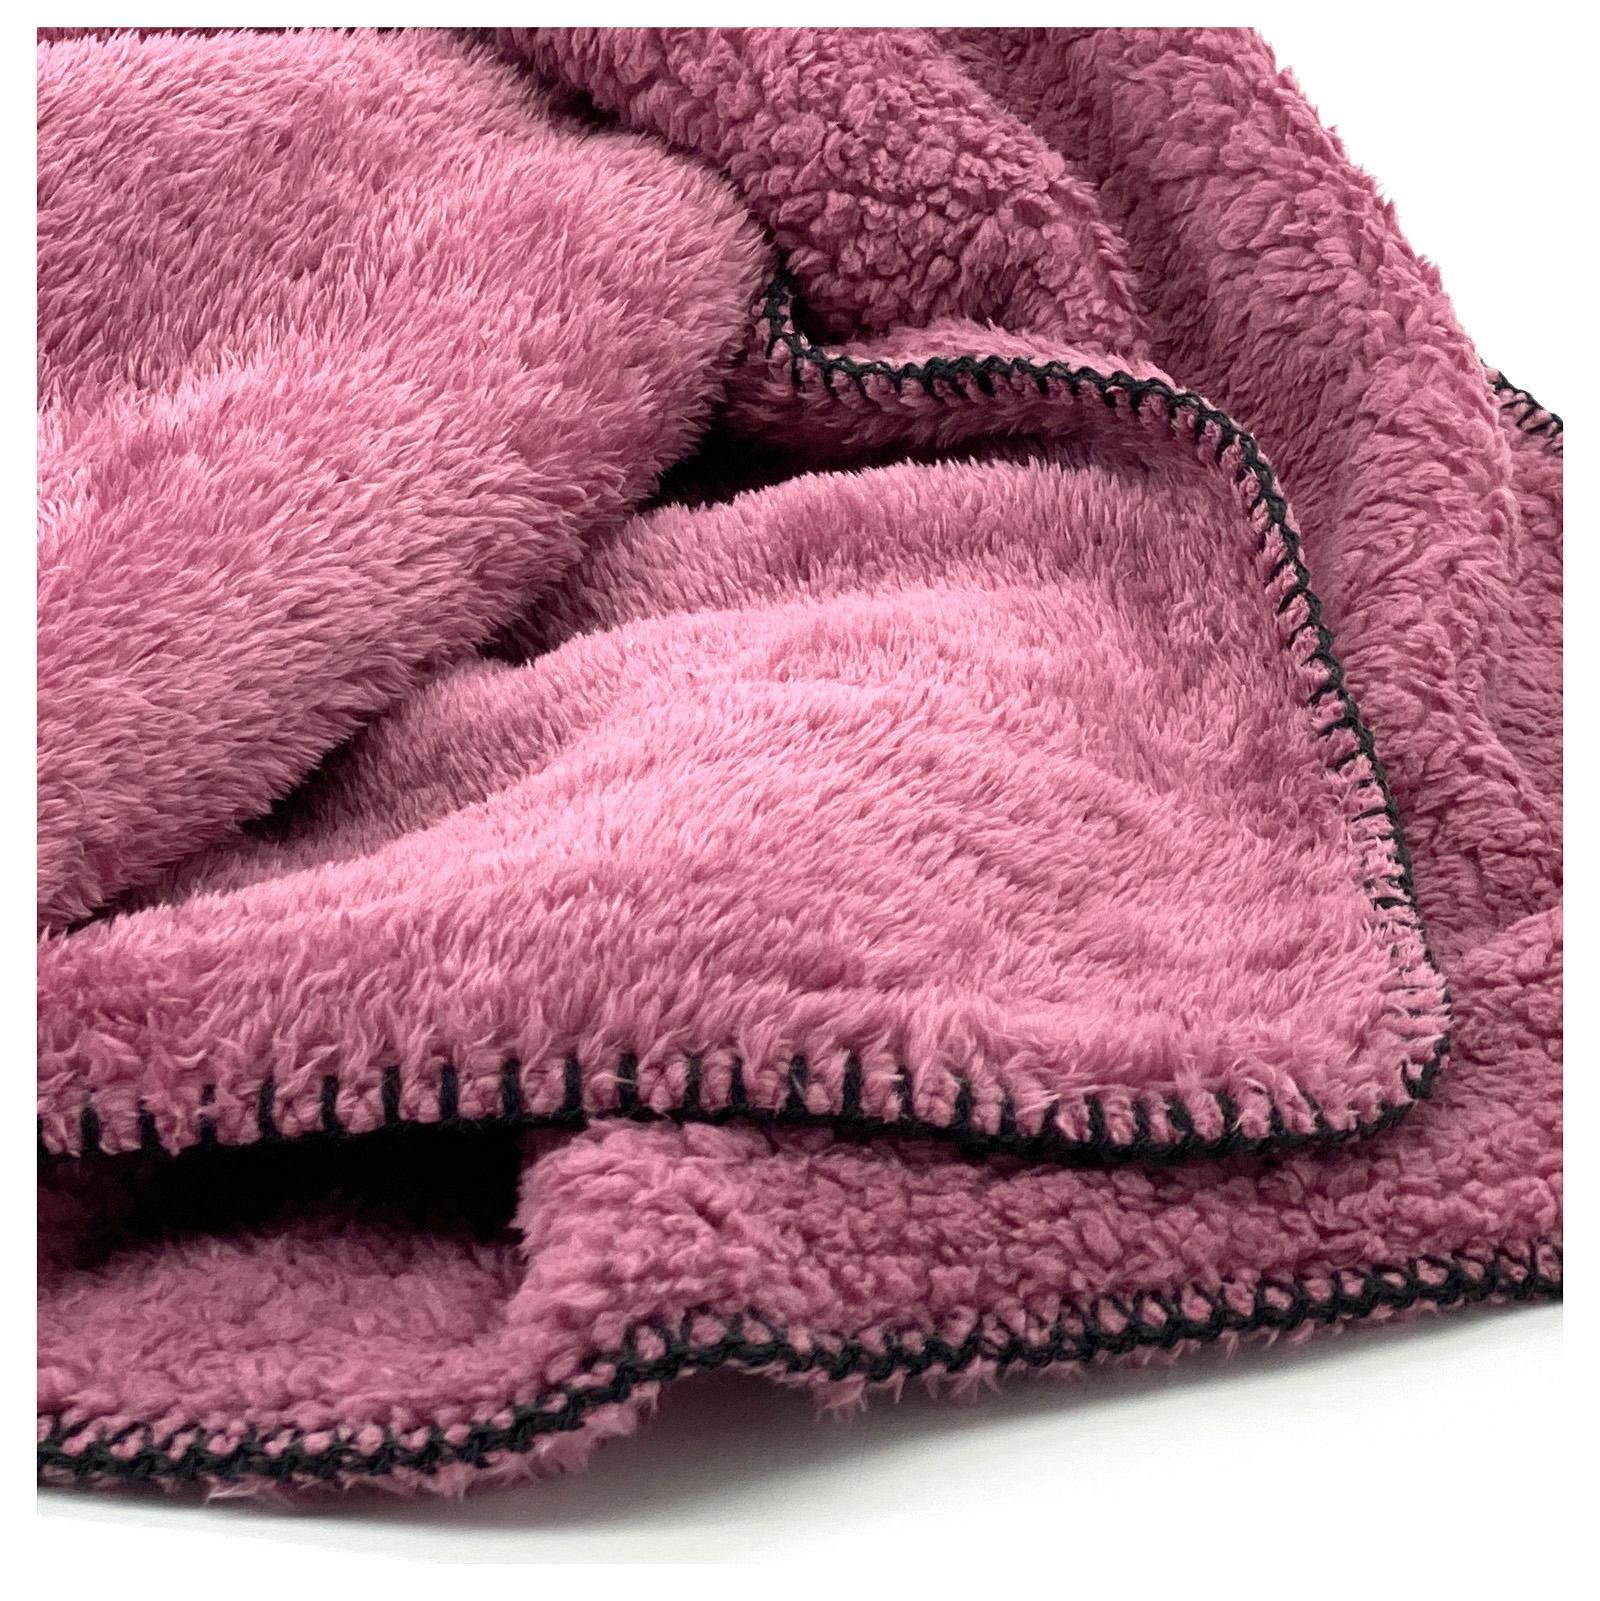 Indexbild 26 - Super Soft Kuscheldecke Langfloor Teddy Fleece XL 200x150 Plüsch Decke Typ716